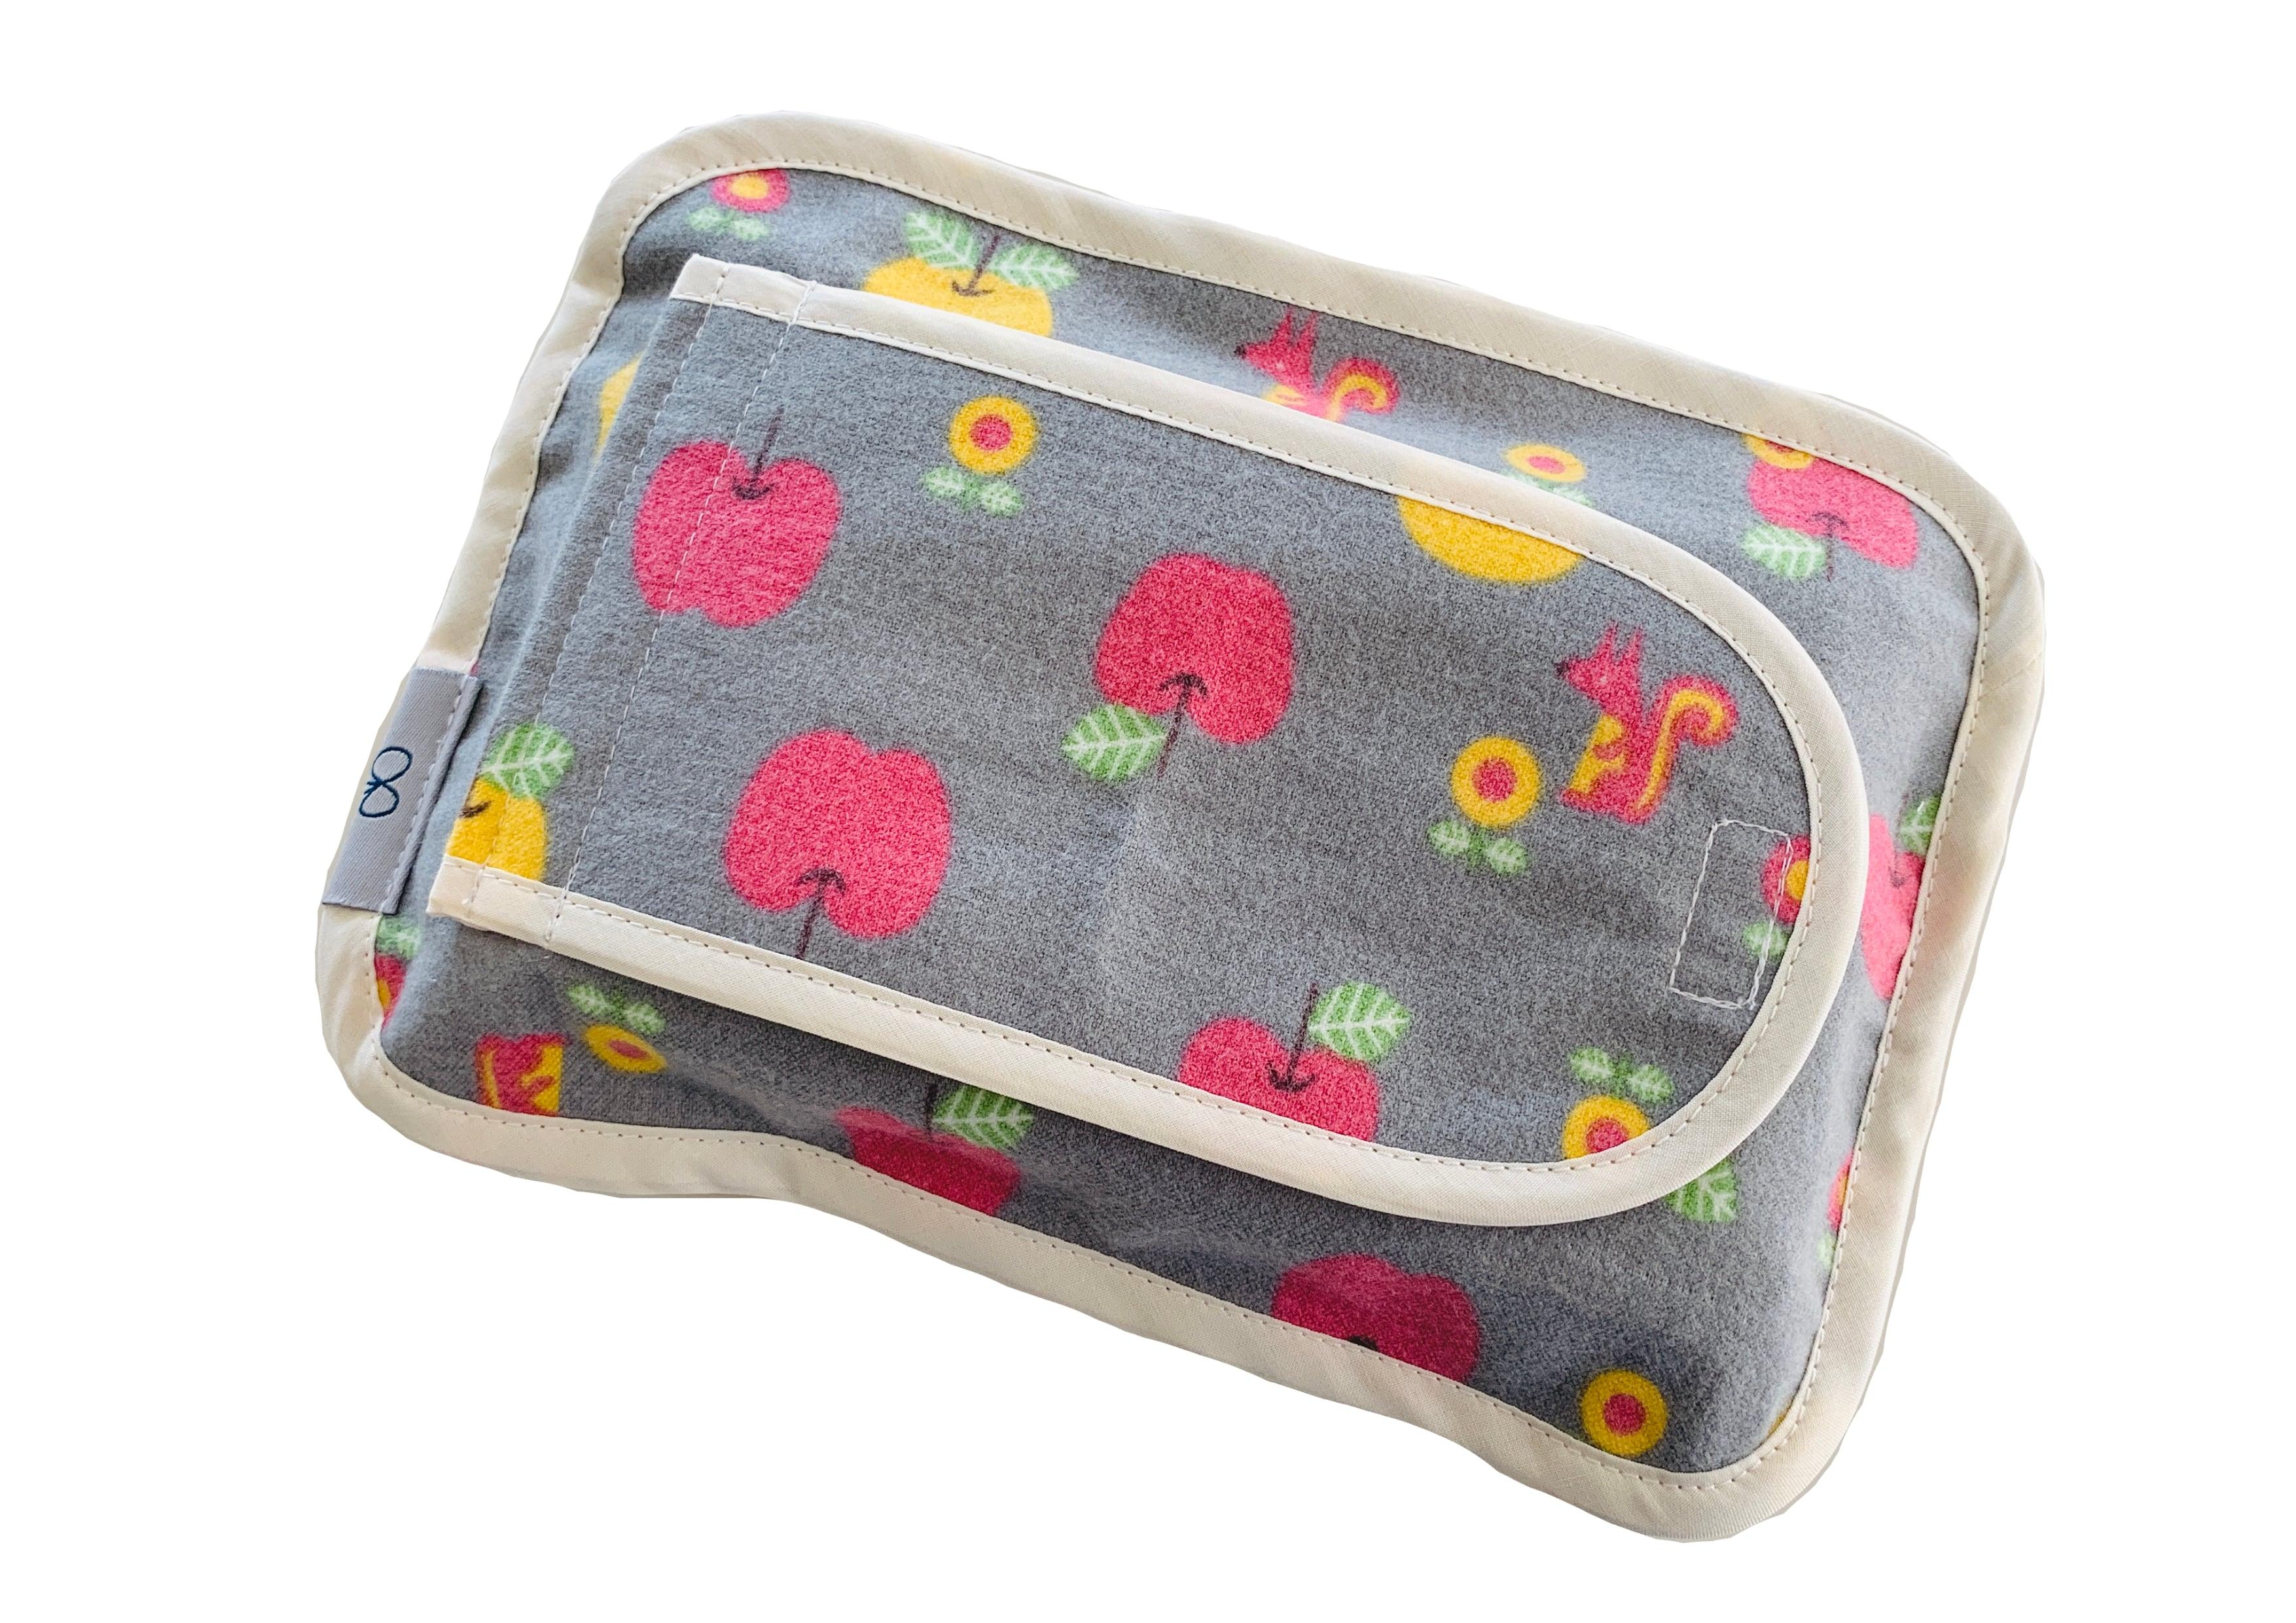 布製のウェットシートケース・グレーりんご柄